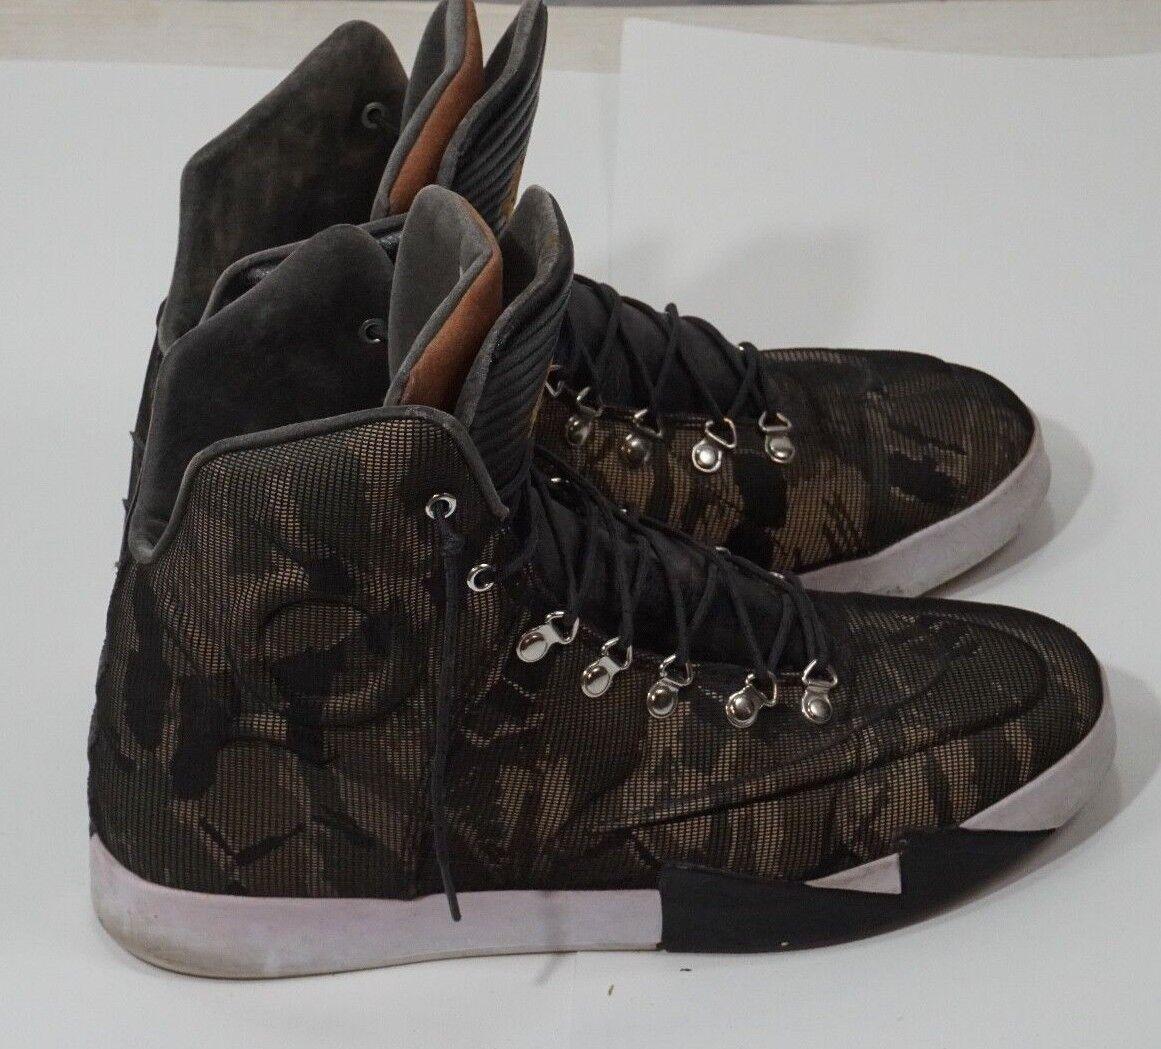 Nike KD VI 6 NSW Lifestyle QS Durant multi multi multi color camo negro temporada 621177-900 confortable despacho venta 22f722